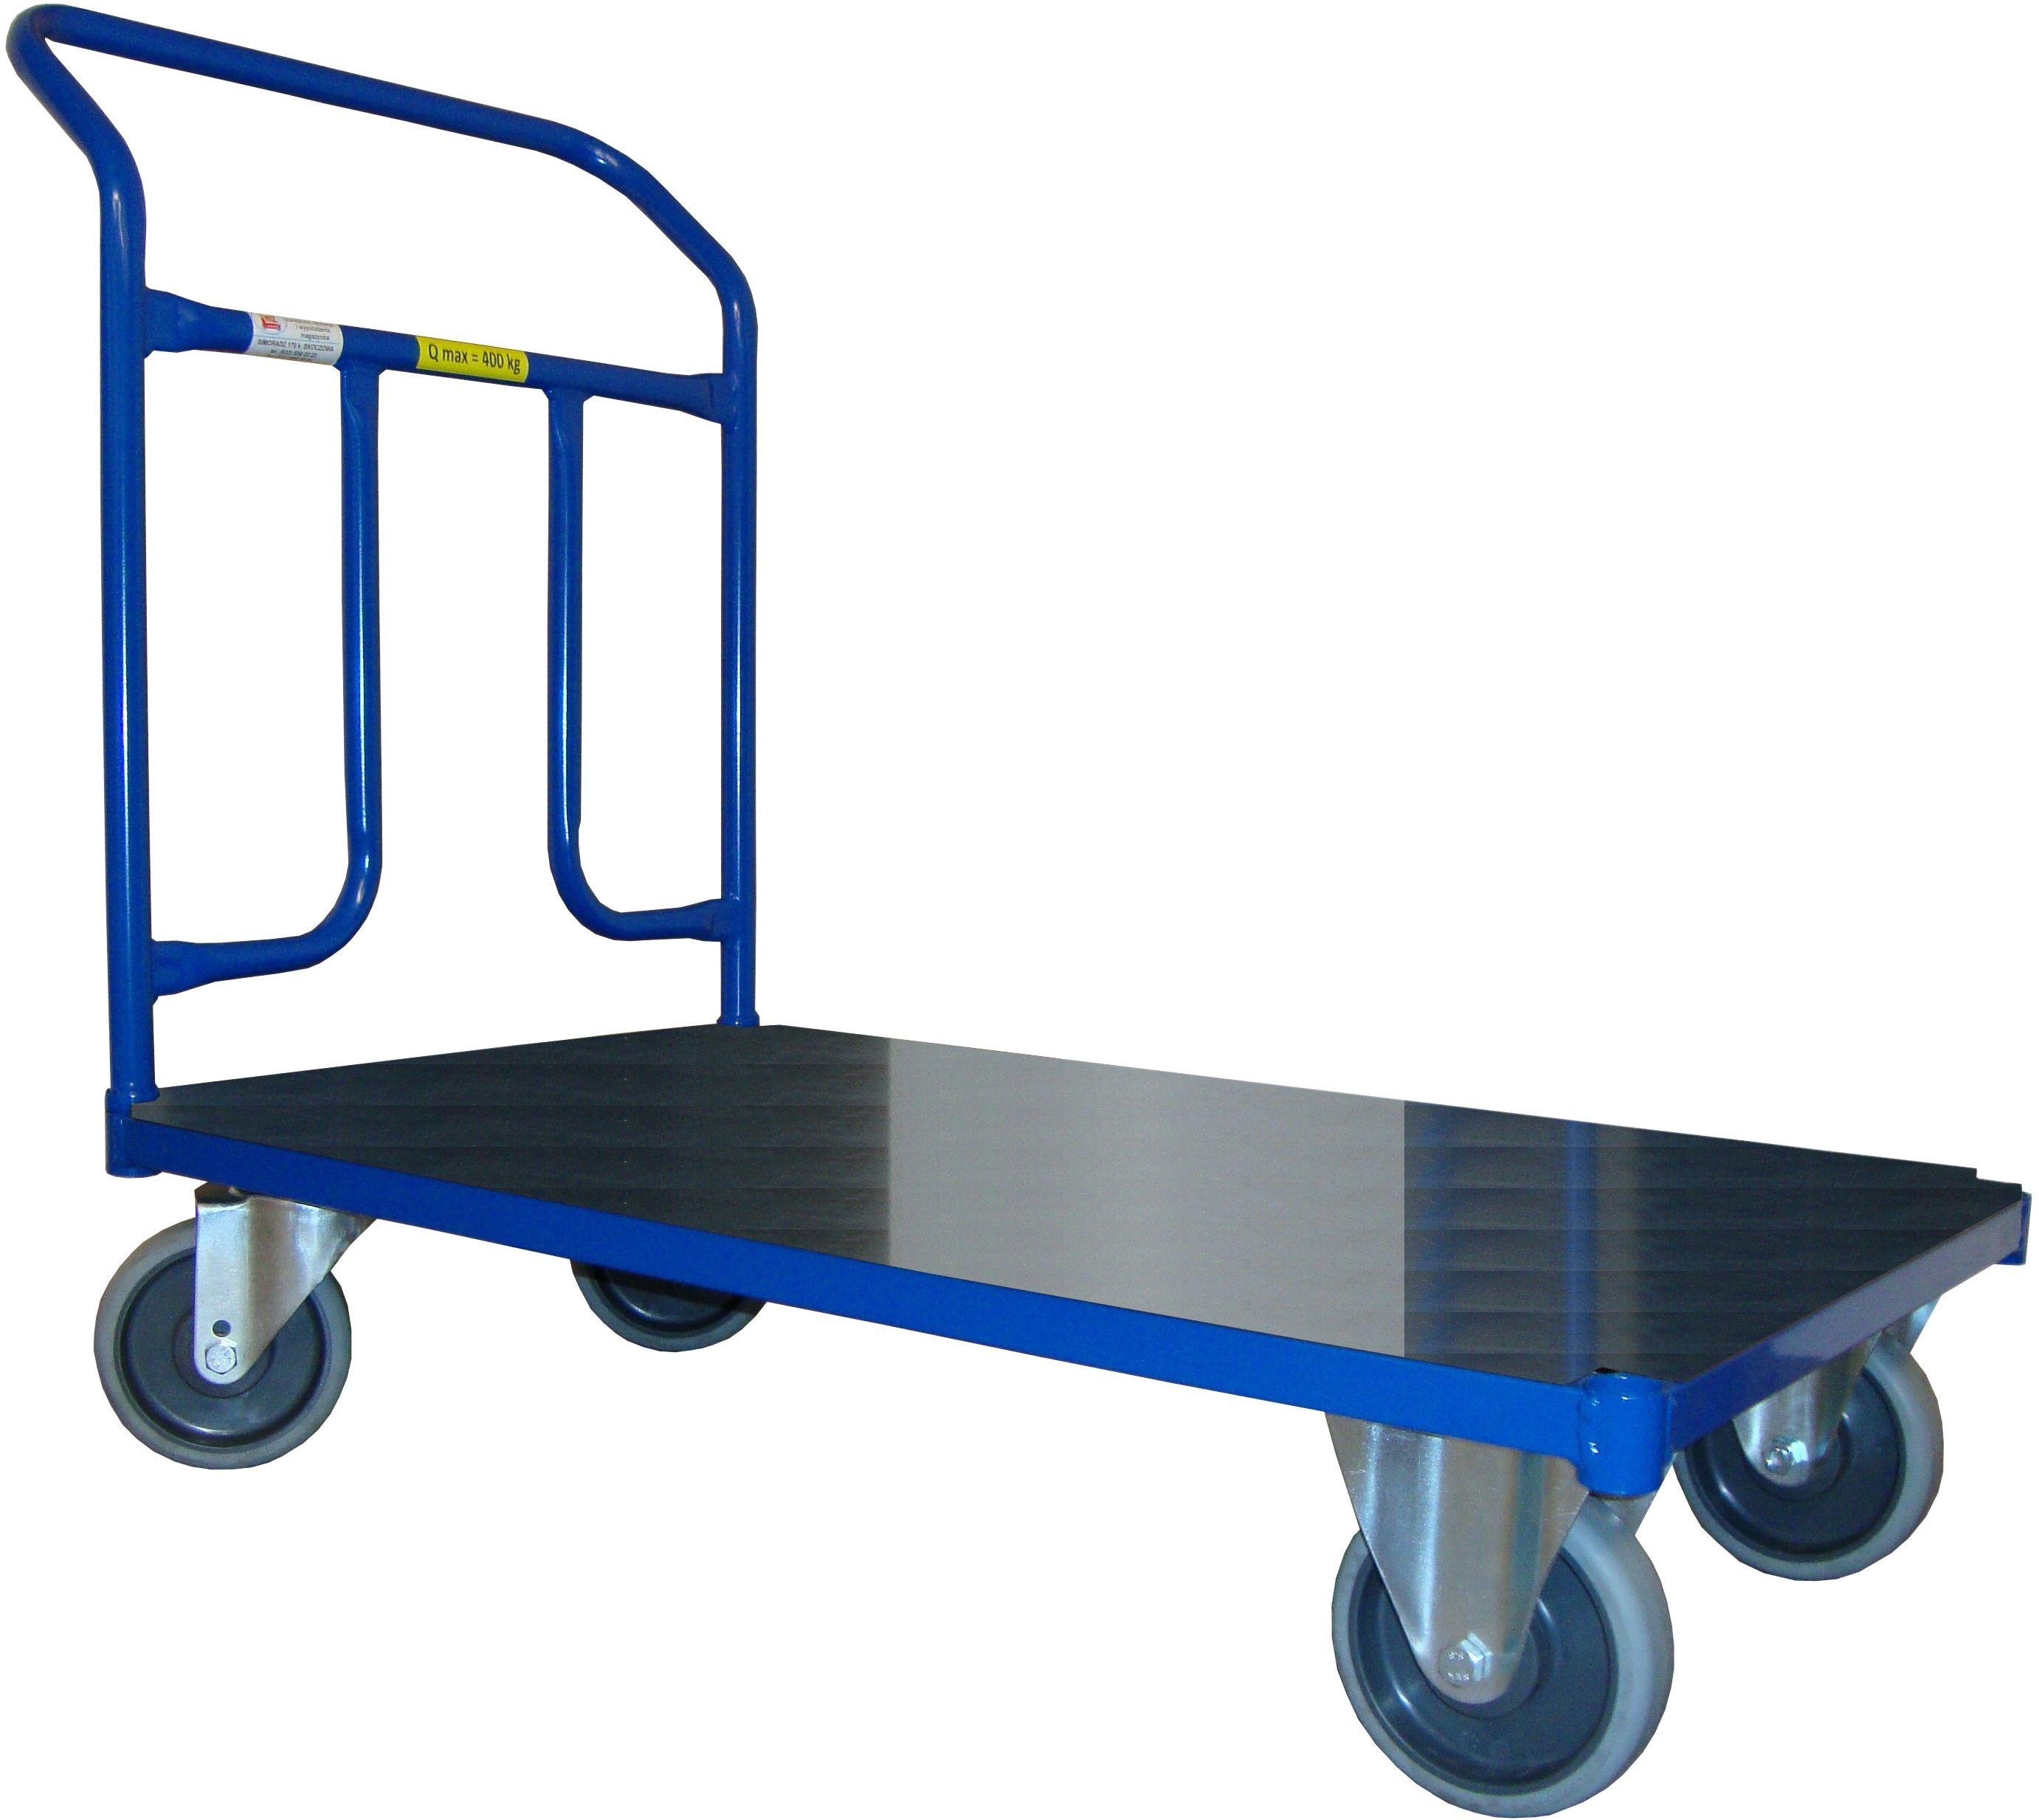 Wózek magazynowy platformowy, poręcz przykręcana, 600 kg